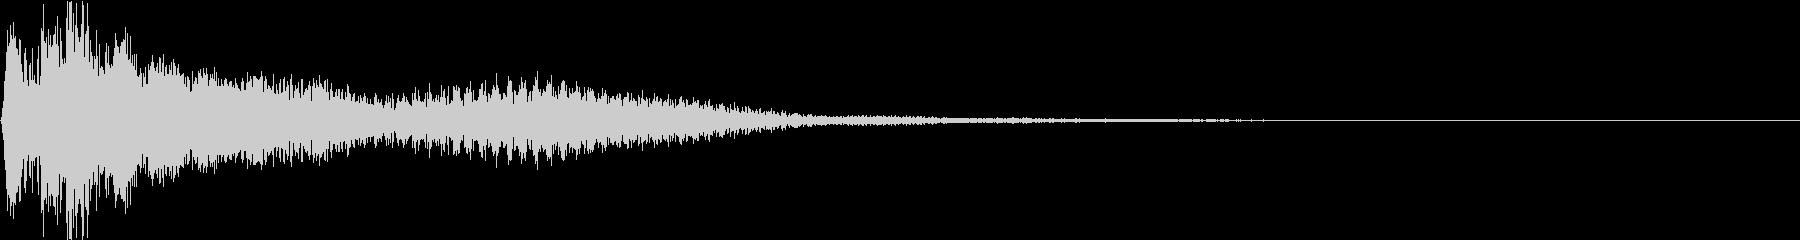 ピコン(お洒落で綺麗な閃きのピアノ)2の未再生の波形